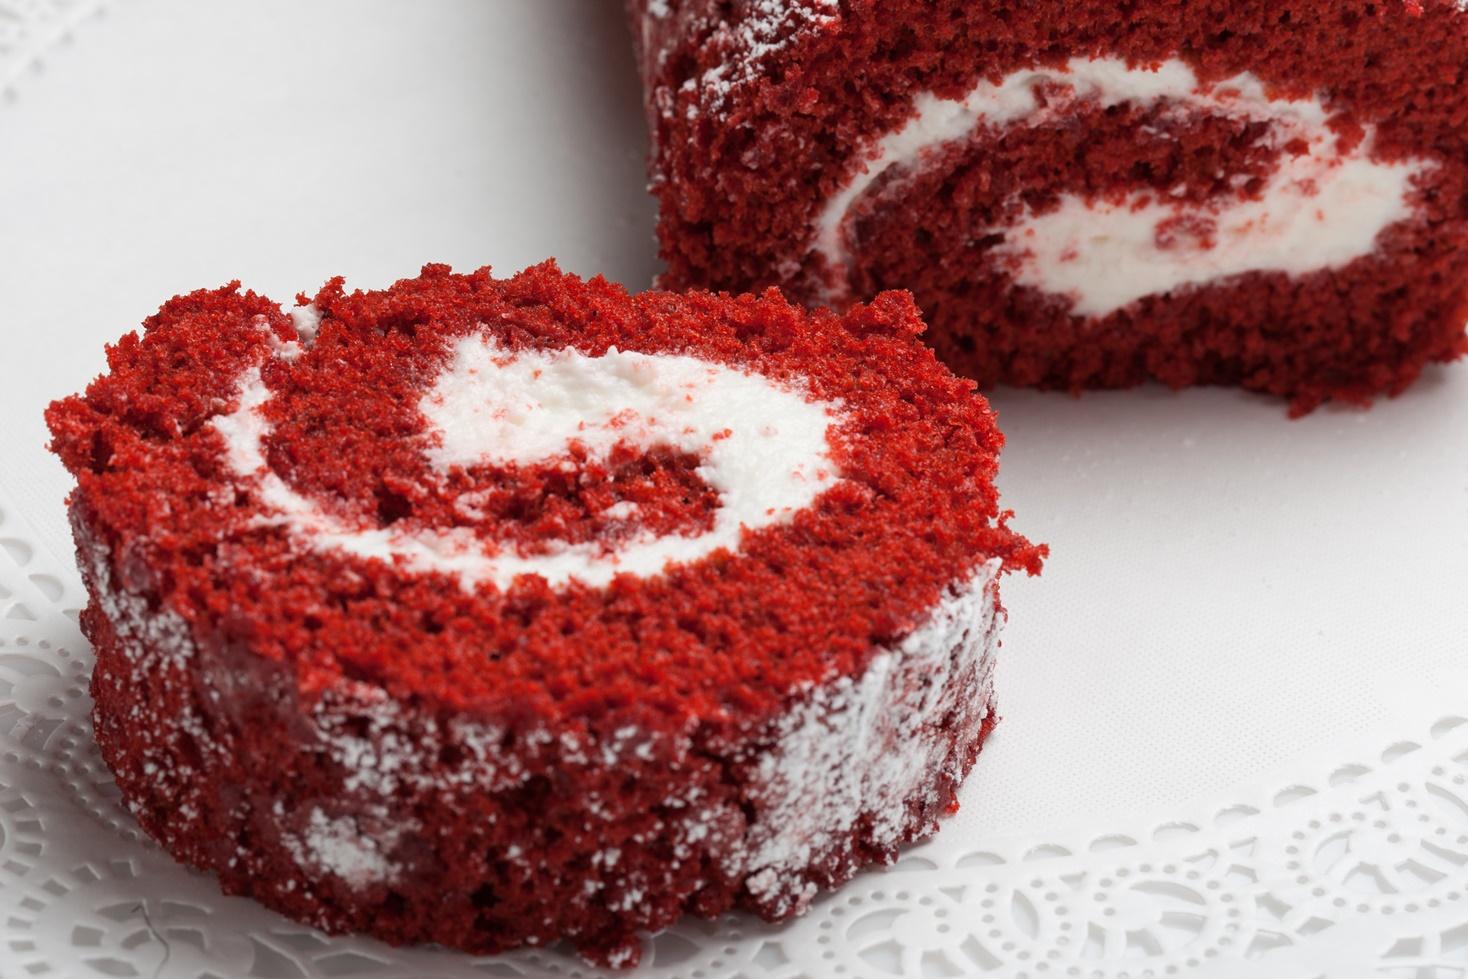 Secțiune dintr-o ruladă de sfeclă roșie cu cremă de brânză și ciocolată albă, gata de a fi servită